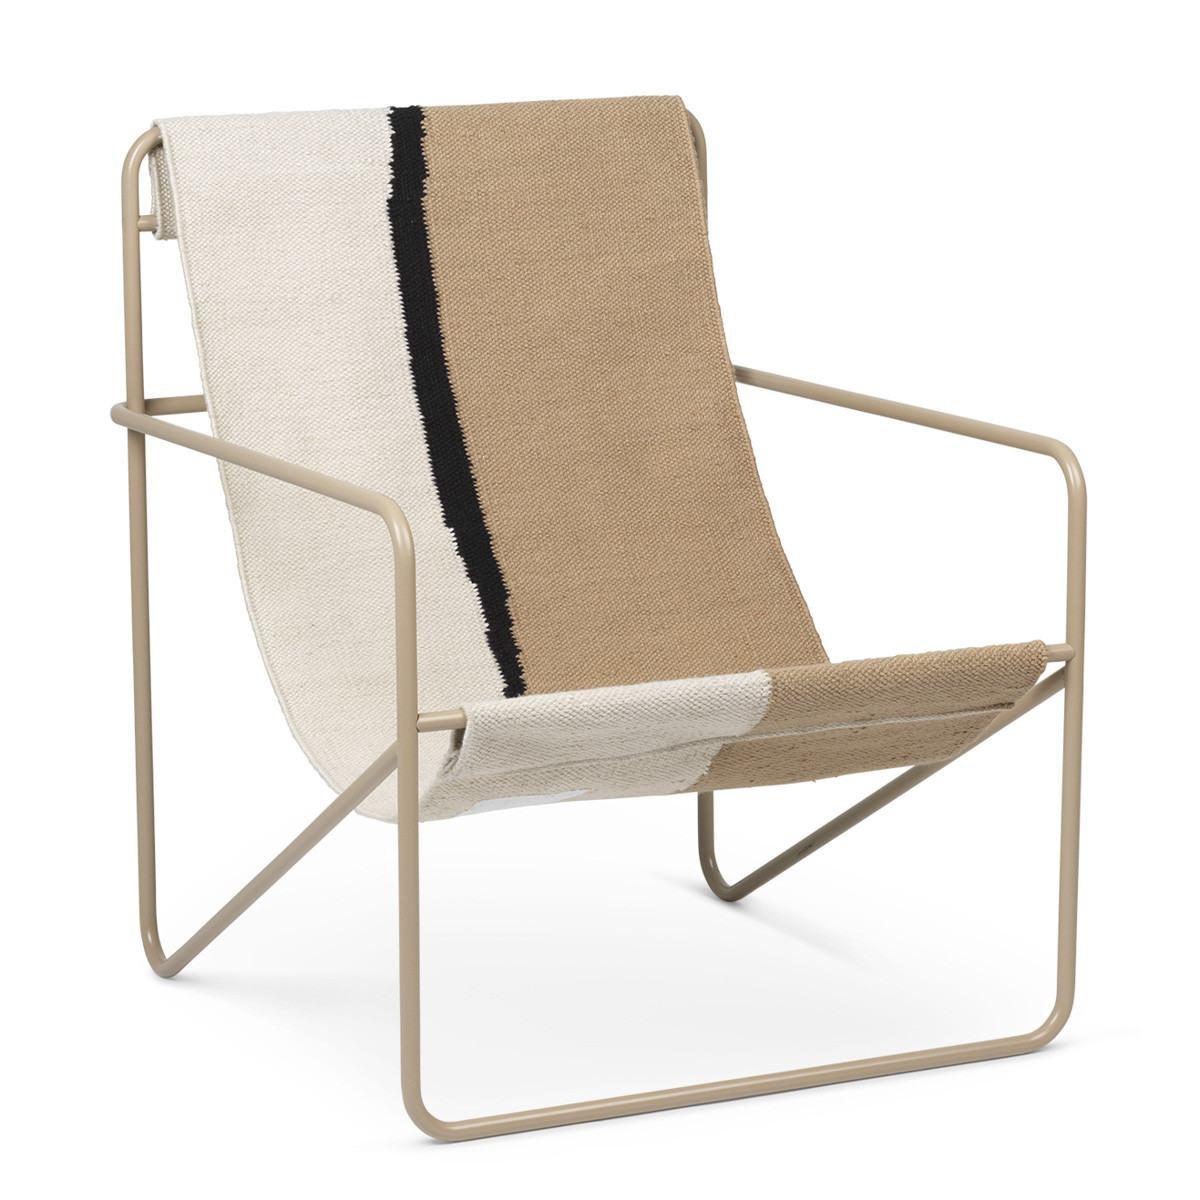 Ferm Living Desert Lounge Chair - Soil